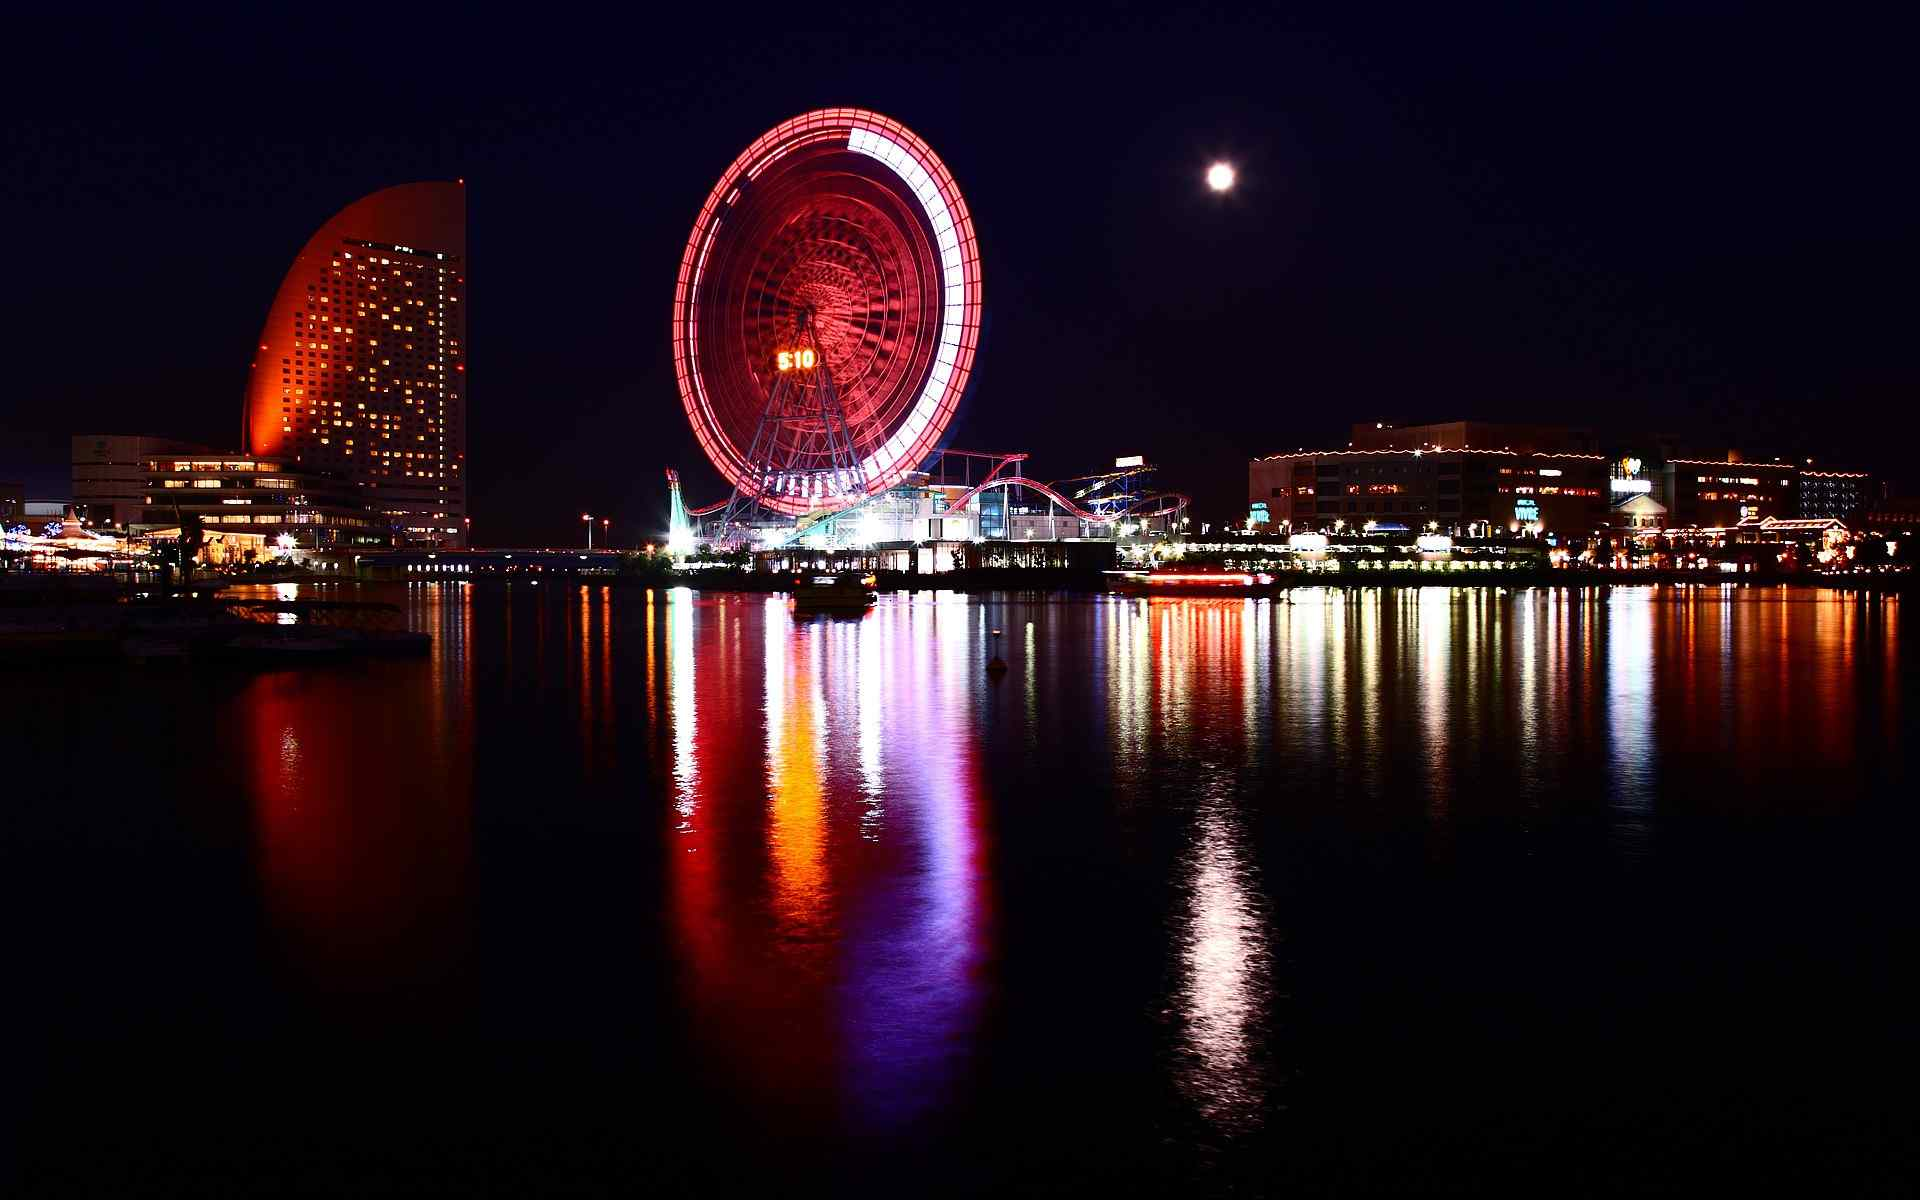 日本本土风景图片 日本岛屿美景高清壁纸 日本风情壁纸